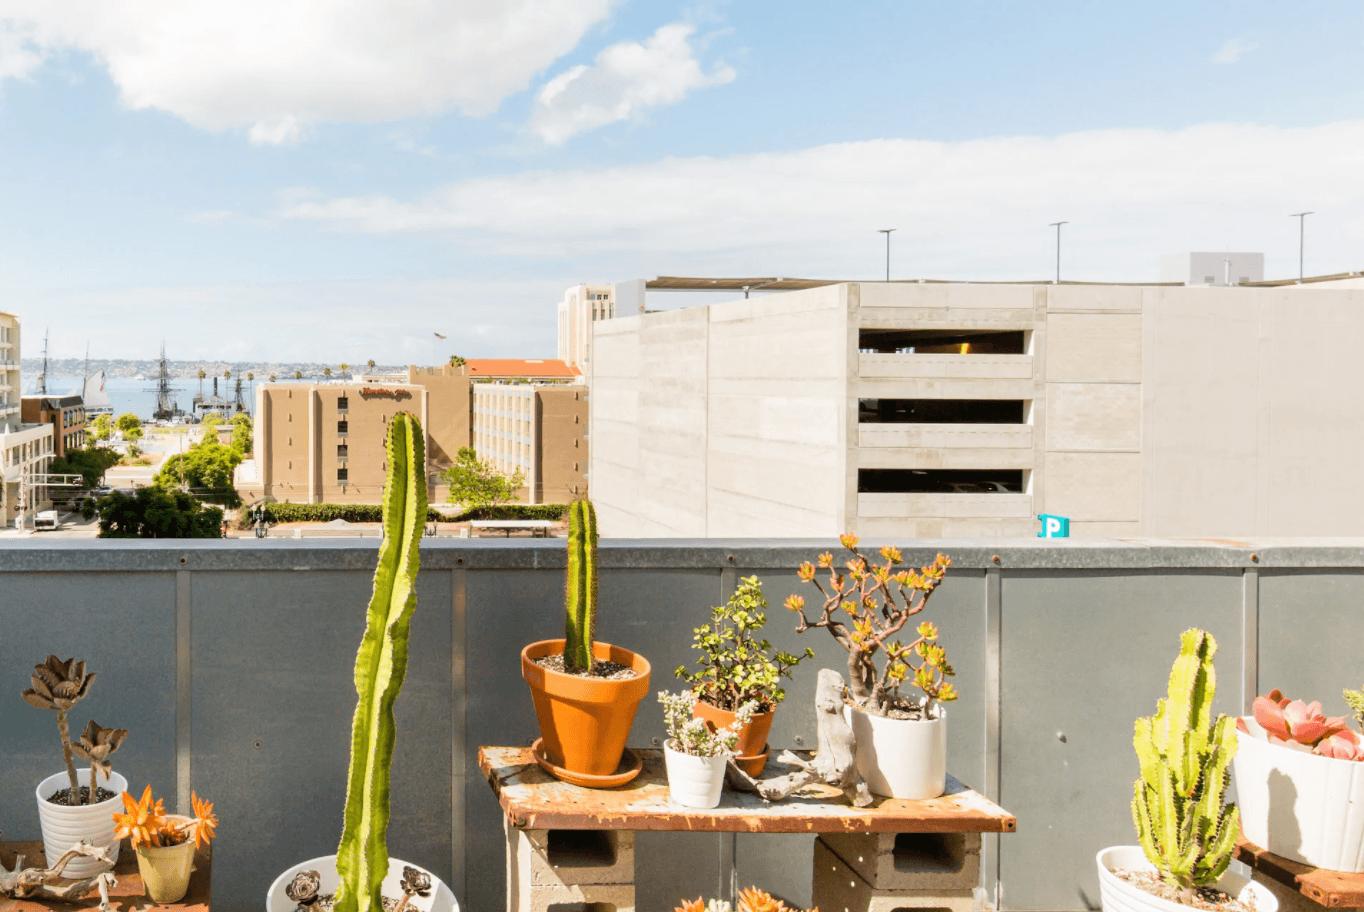 Best Airbnb: San Diego